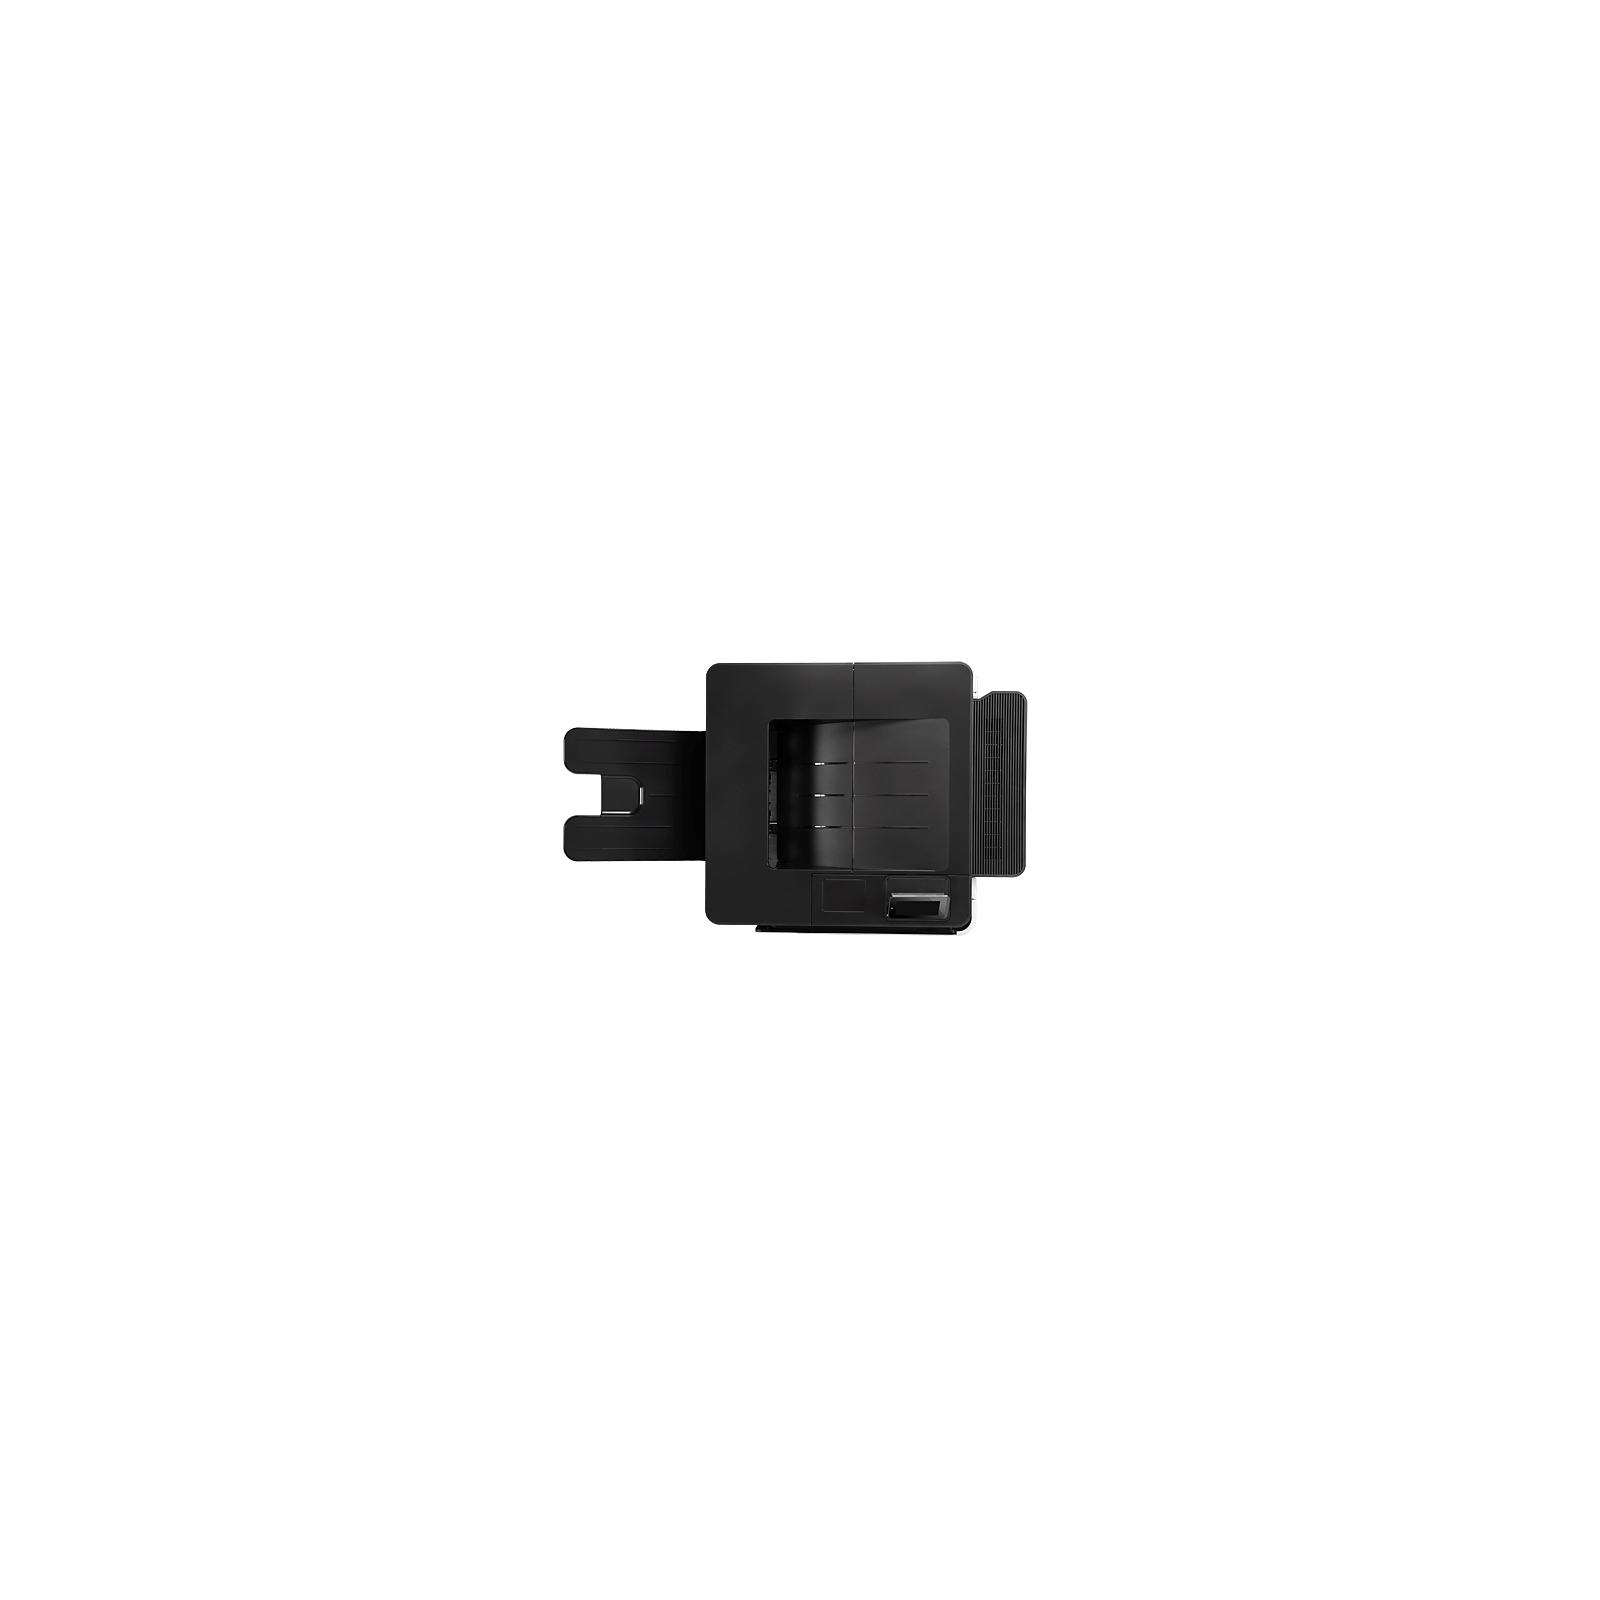 Лазерный принтер HP LaserJet Enterprise M806x+NFC (D7P69A) изображение 4